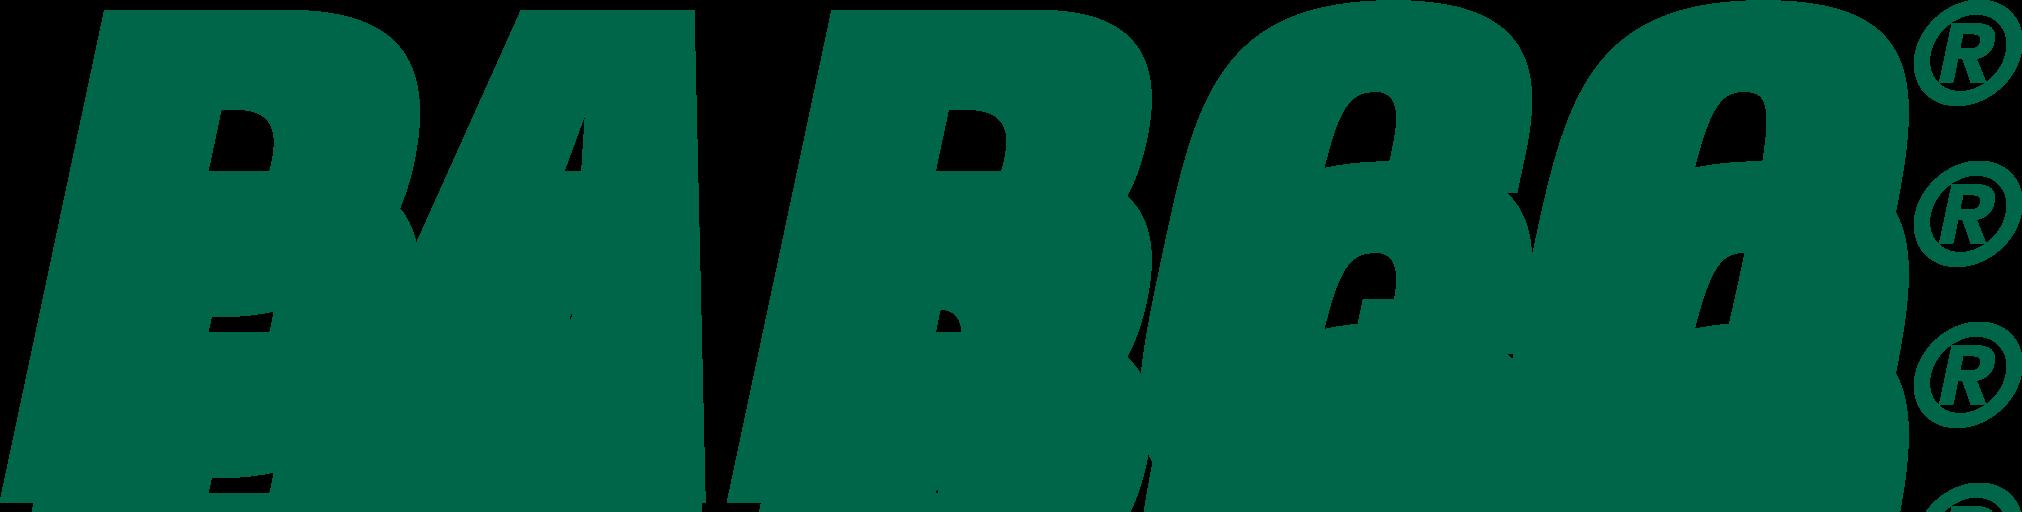 Abbildung des Parco Logos